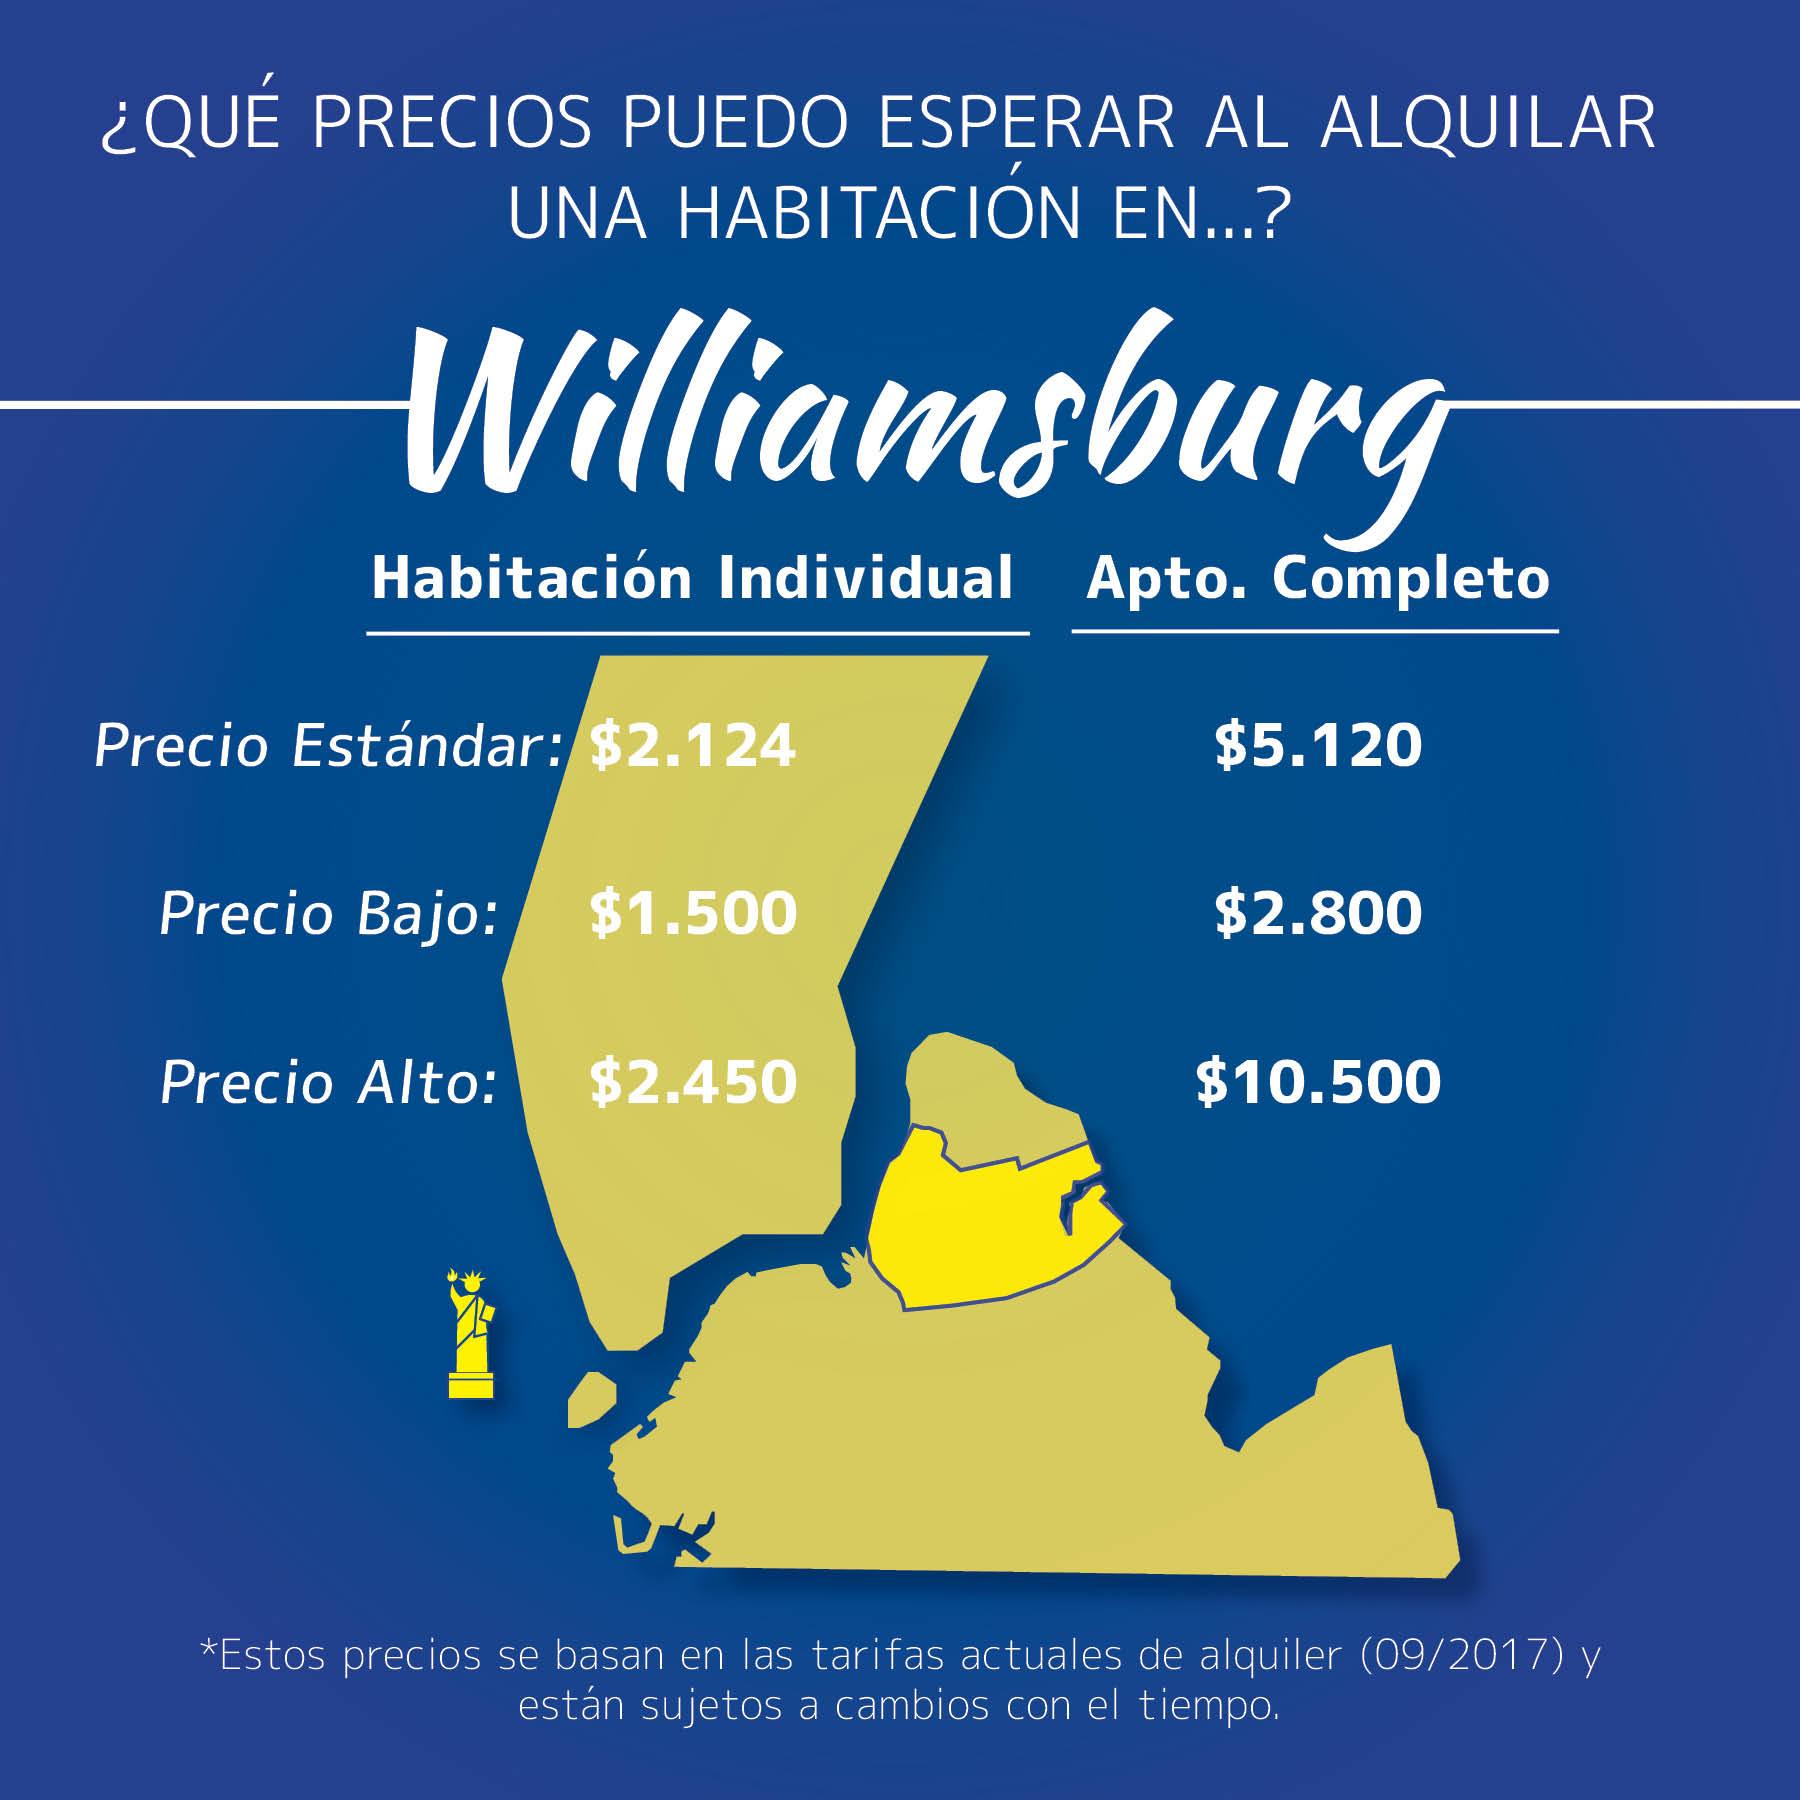 Infografía de los precios de las habitaciones en Williamsburg, Brooklyn